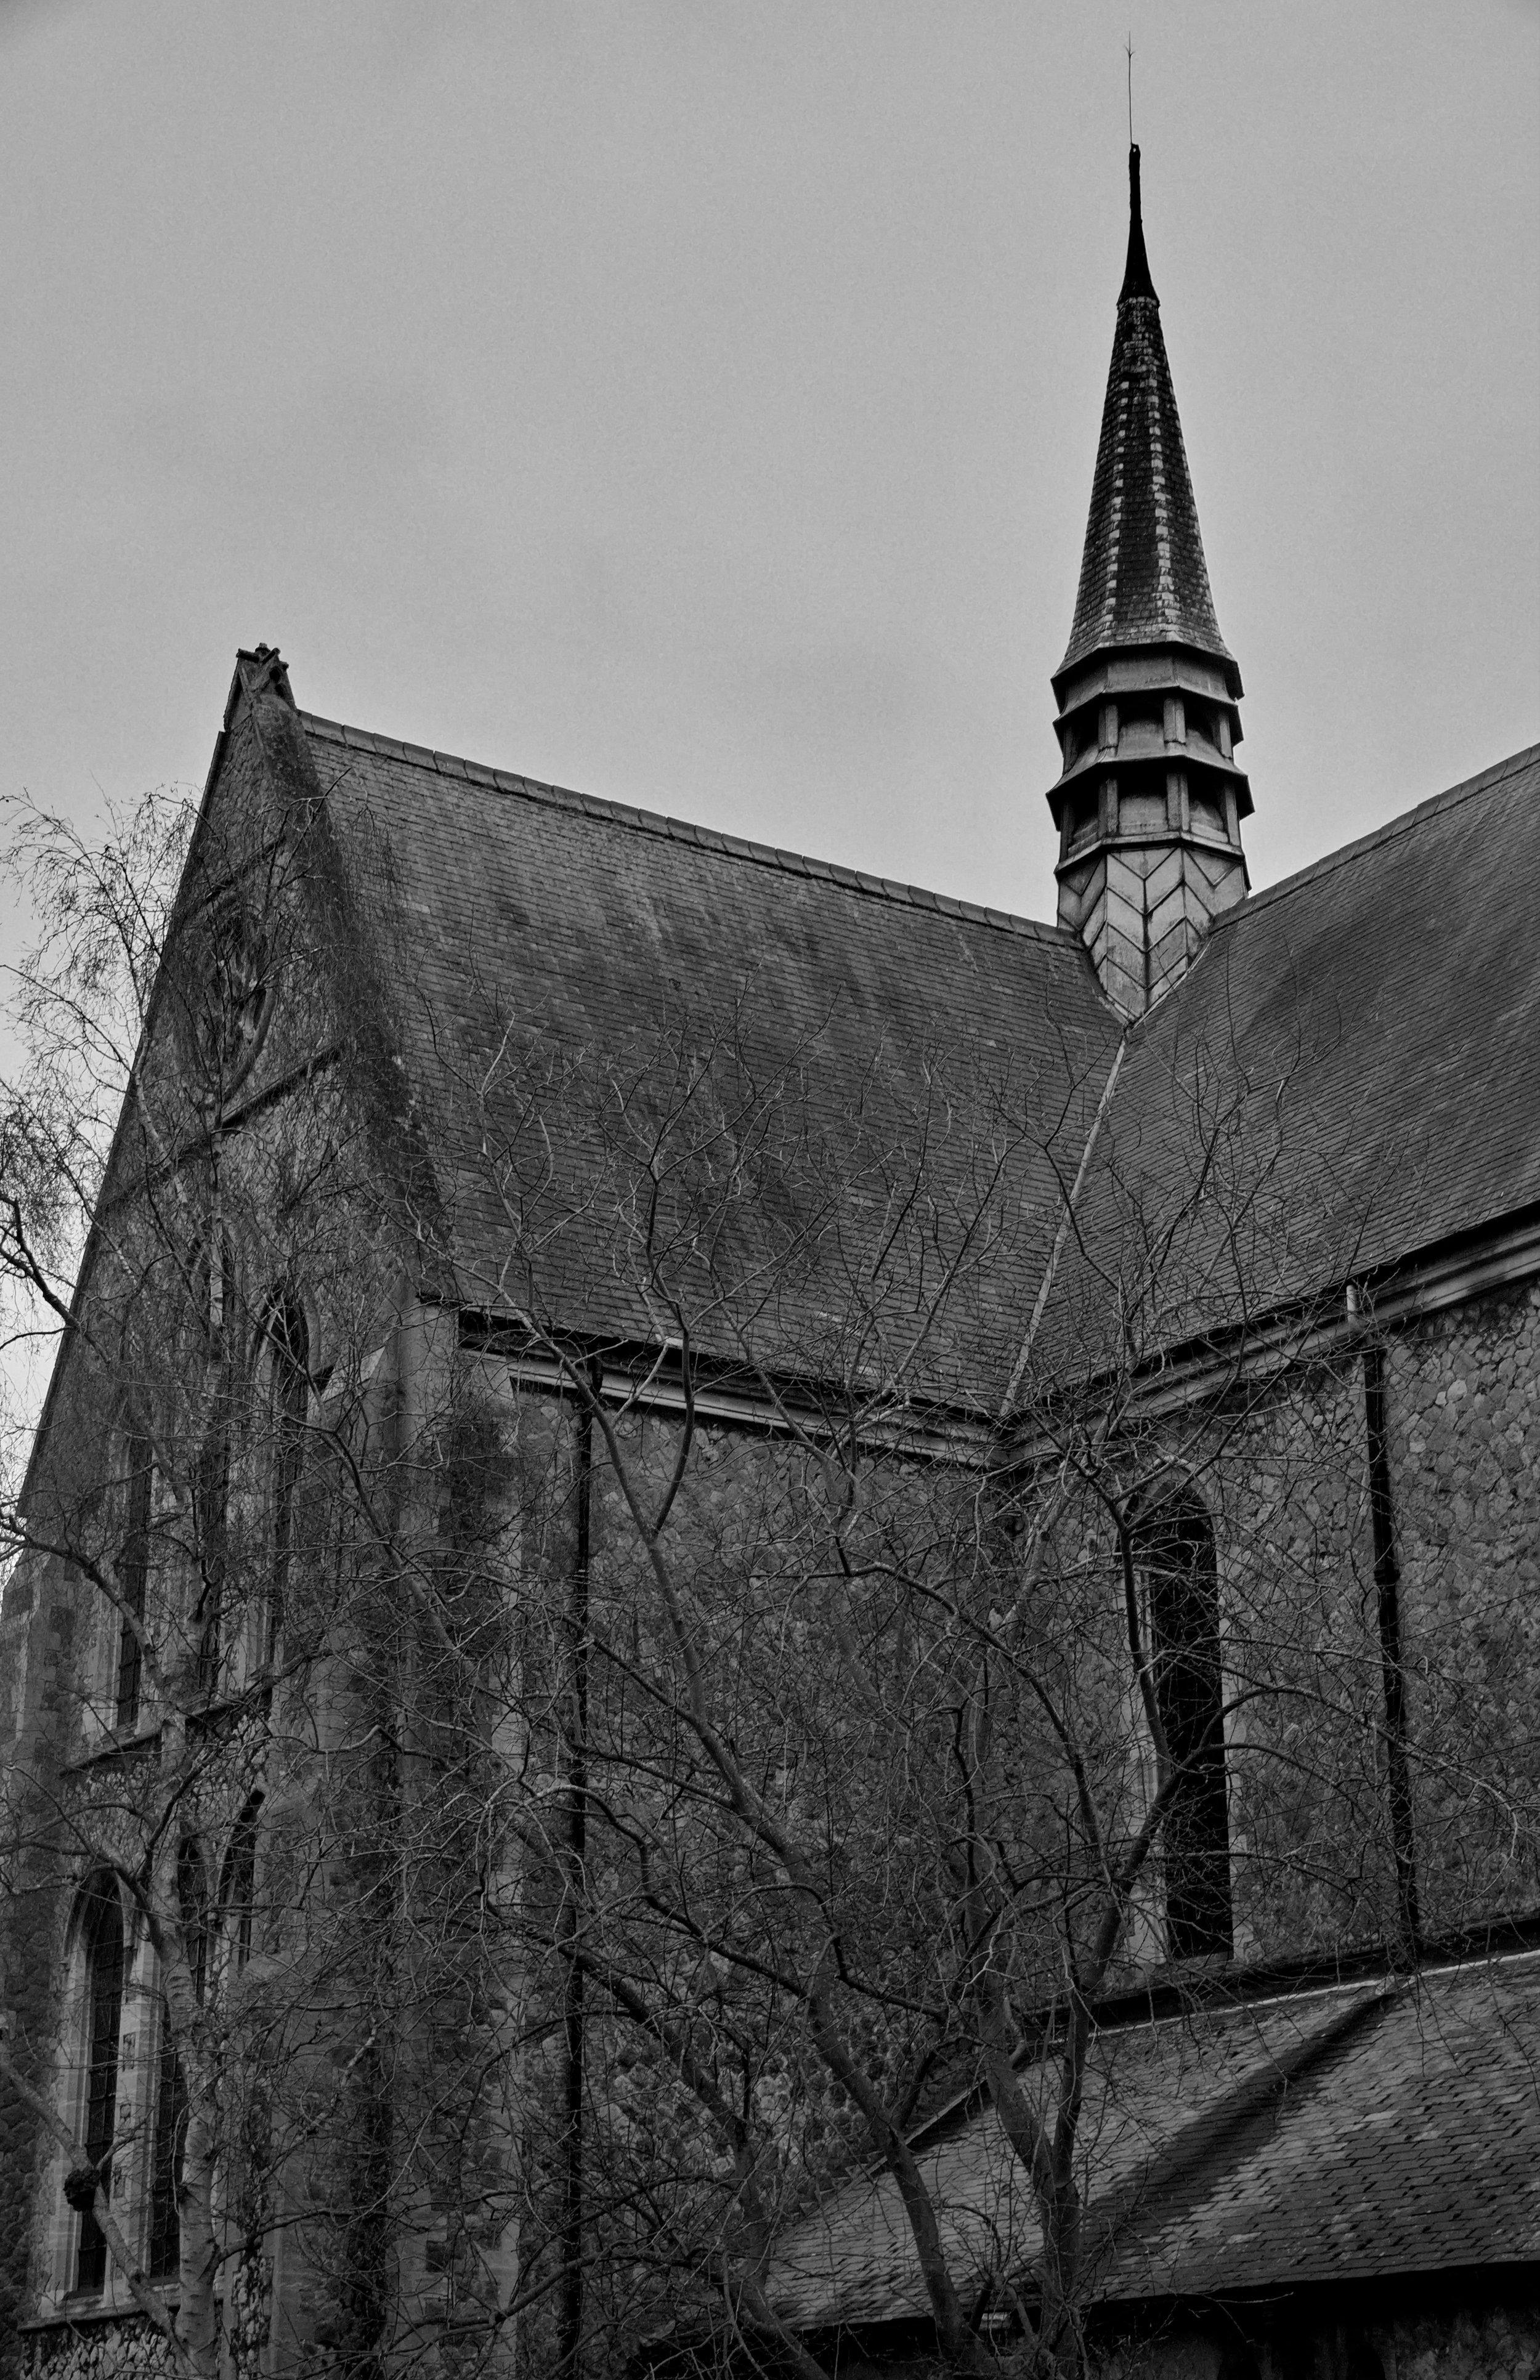 spire-of-st-peter--st-pauls-church-dover_29811990867_o.jpg